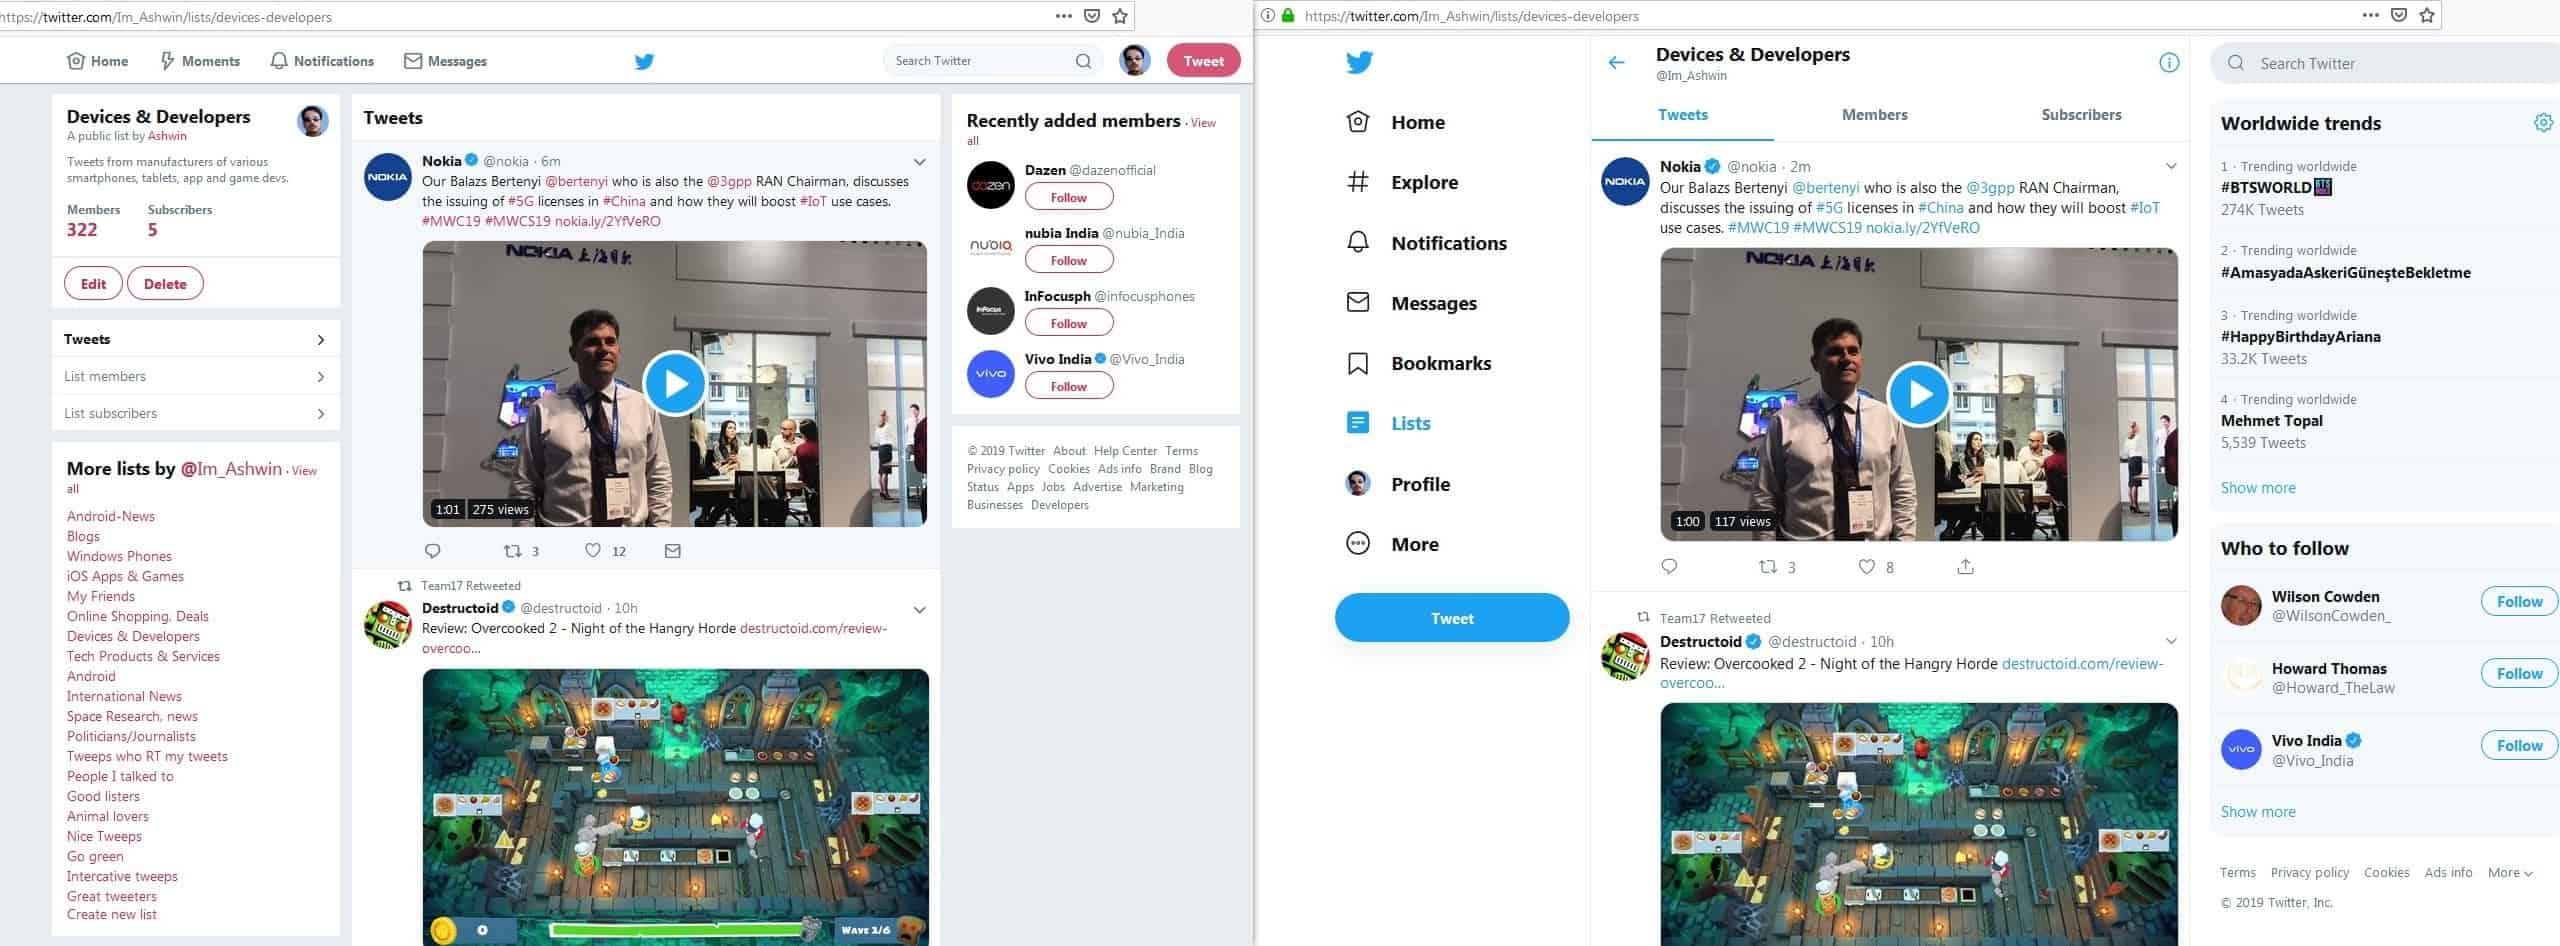 Twitter old design vs new